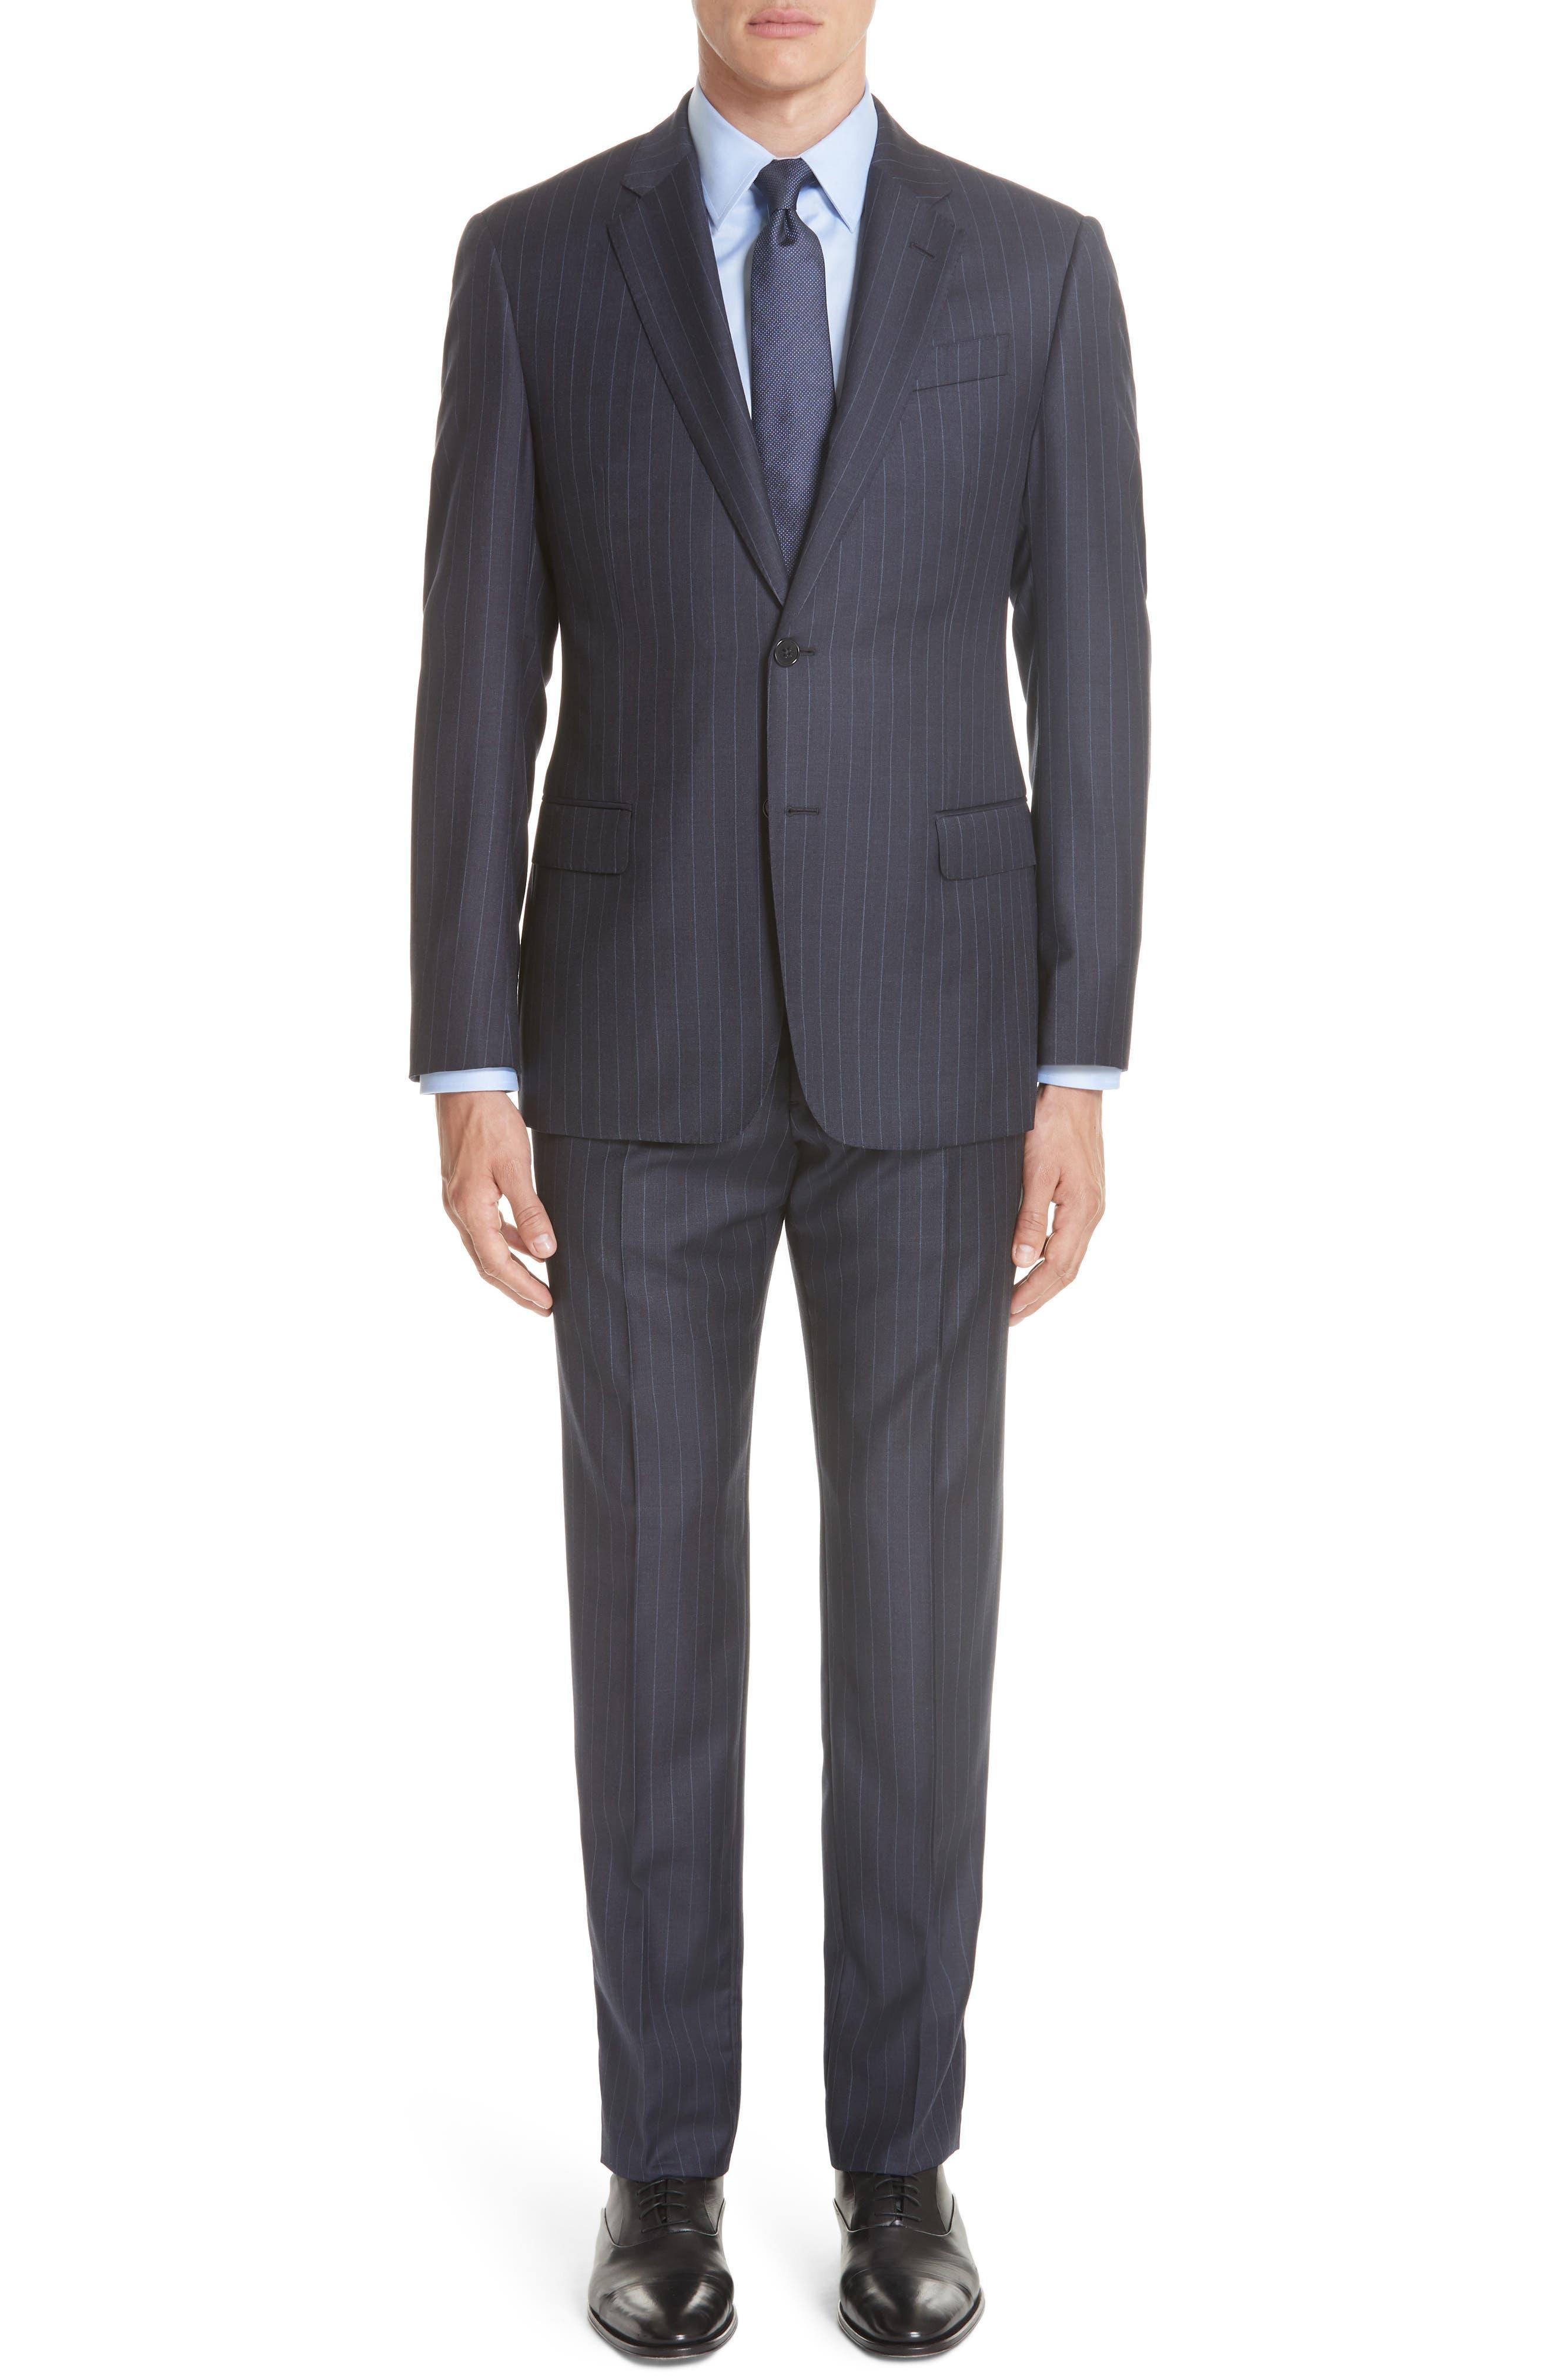 G-Line Regular-Fit Pinstripe Wool Suit in Navy